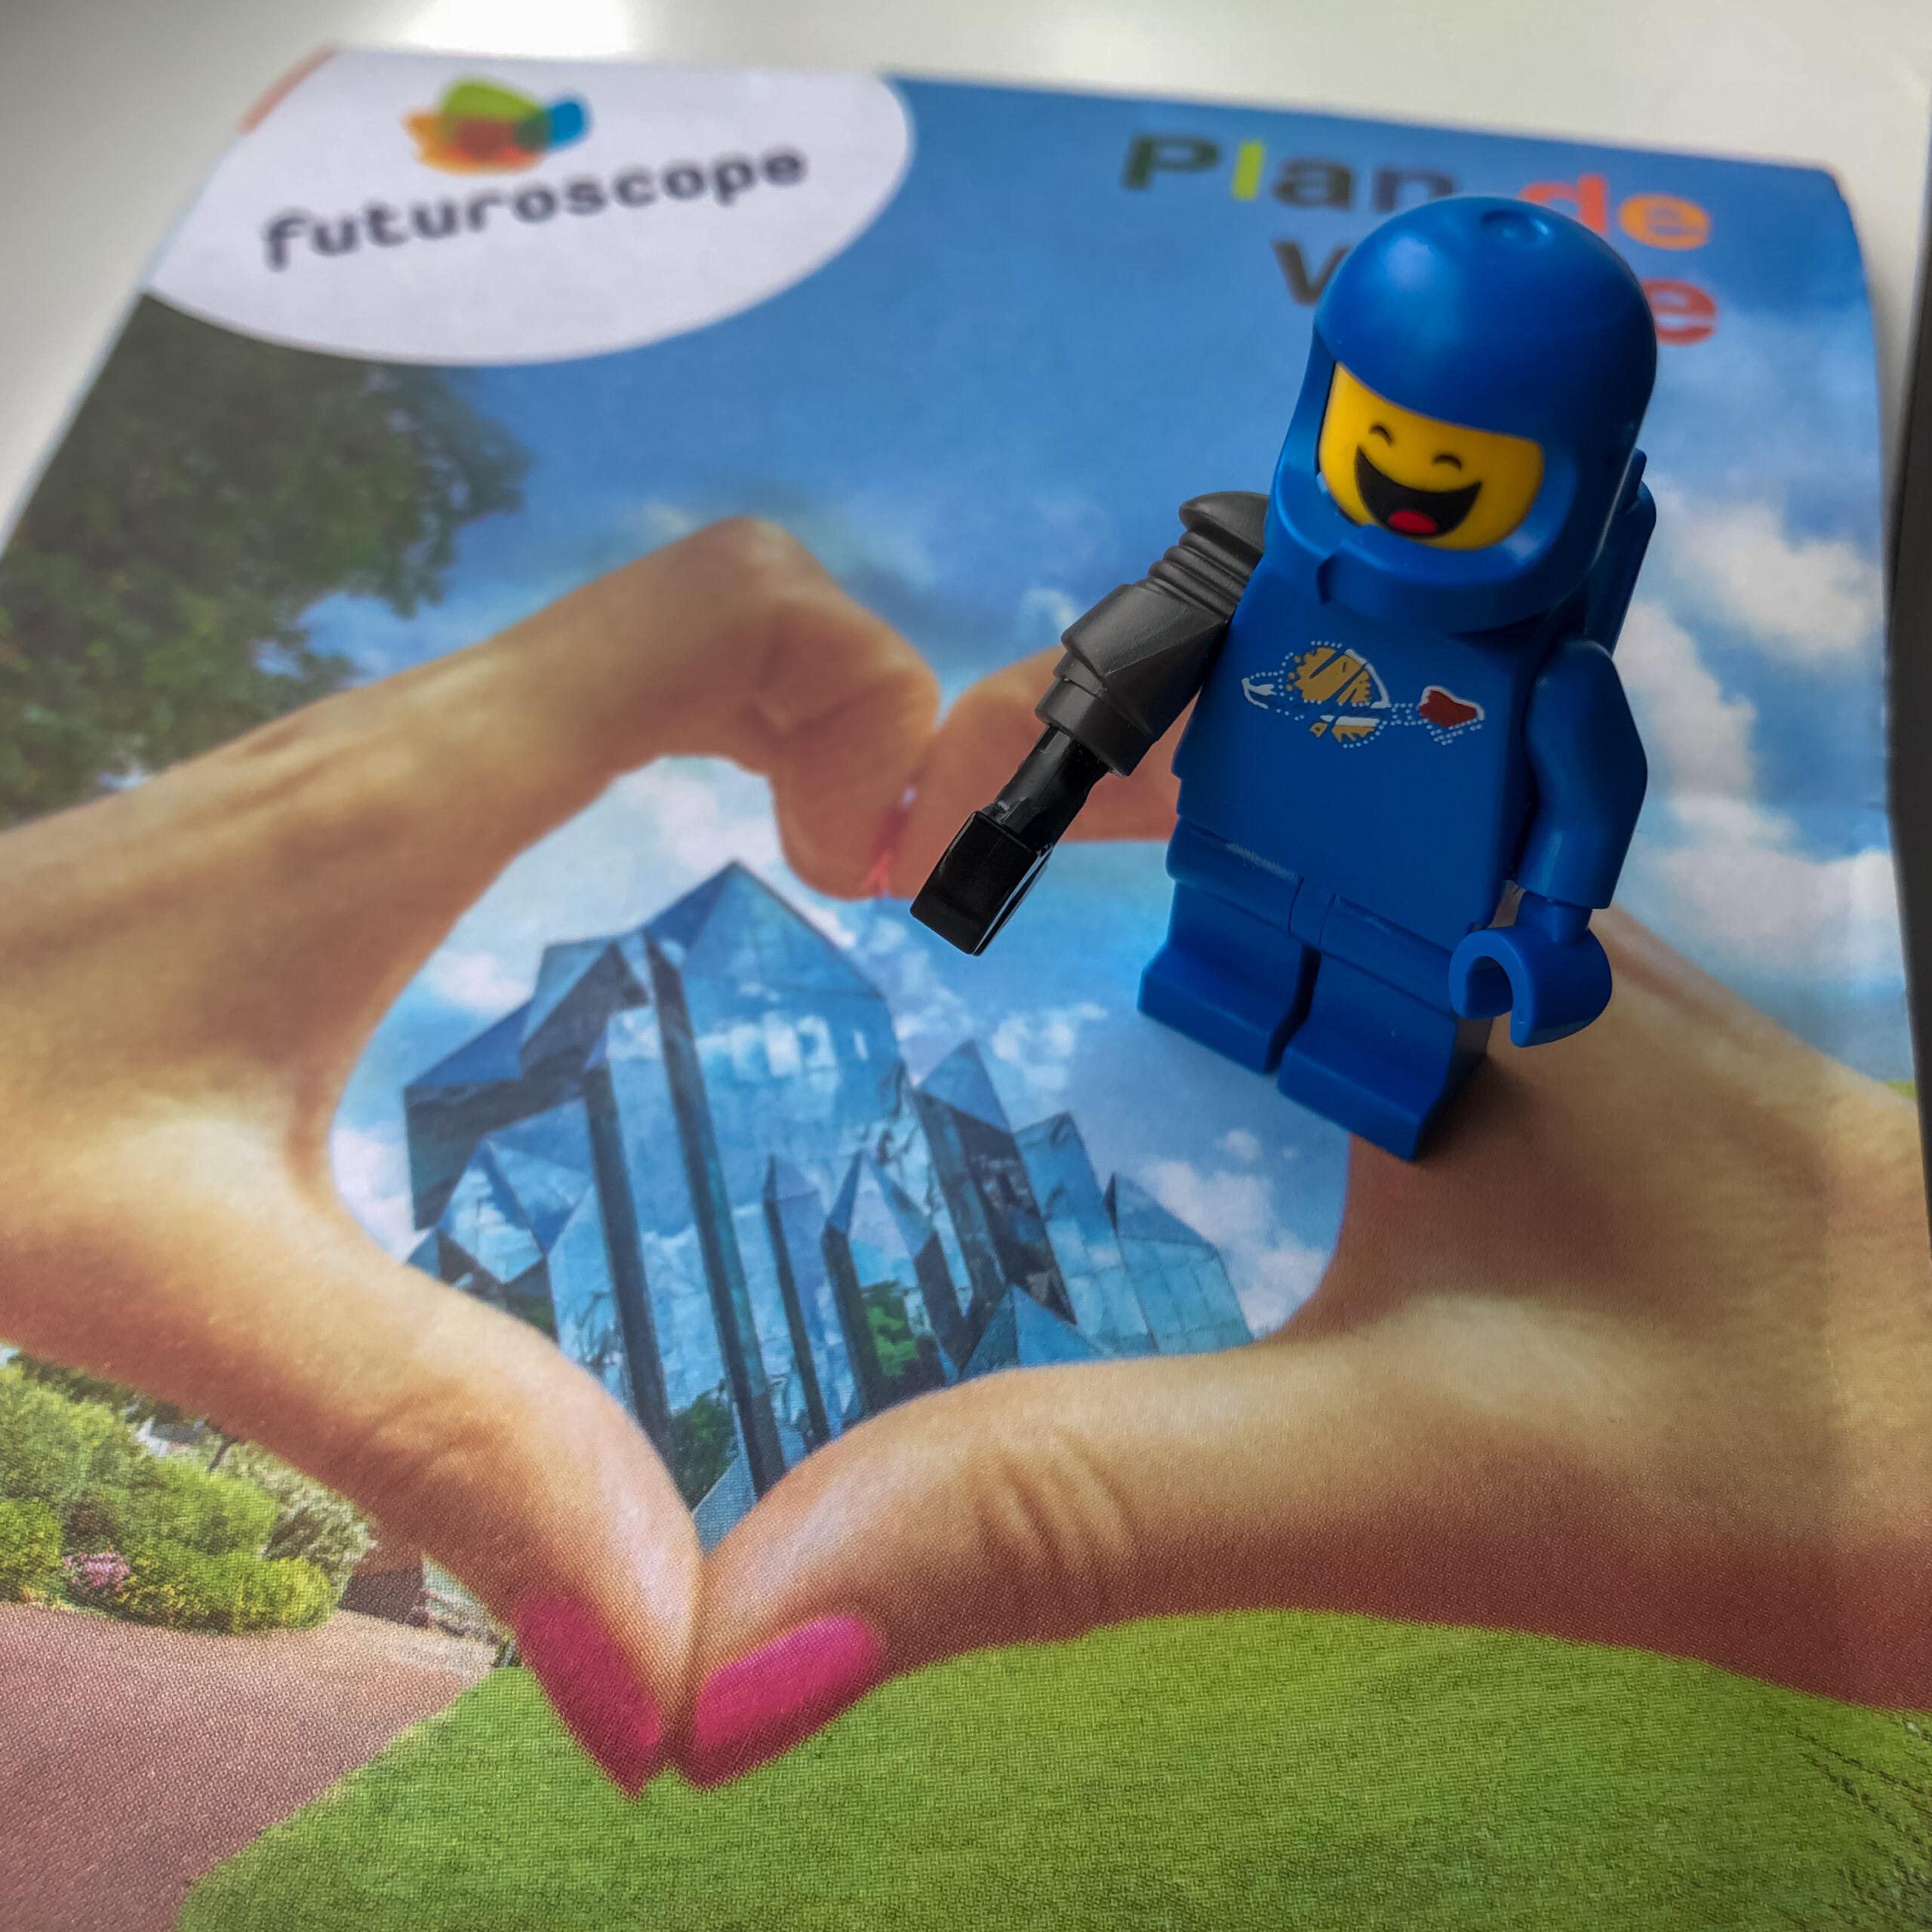 Lego - Futuroscope - Love